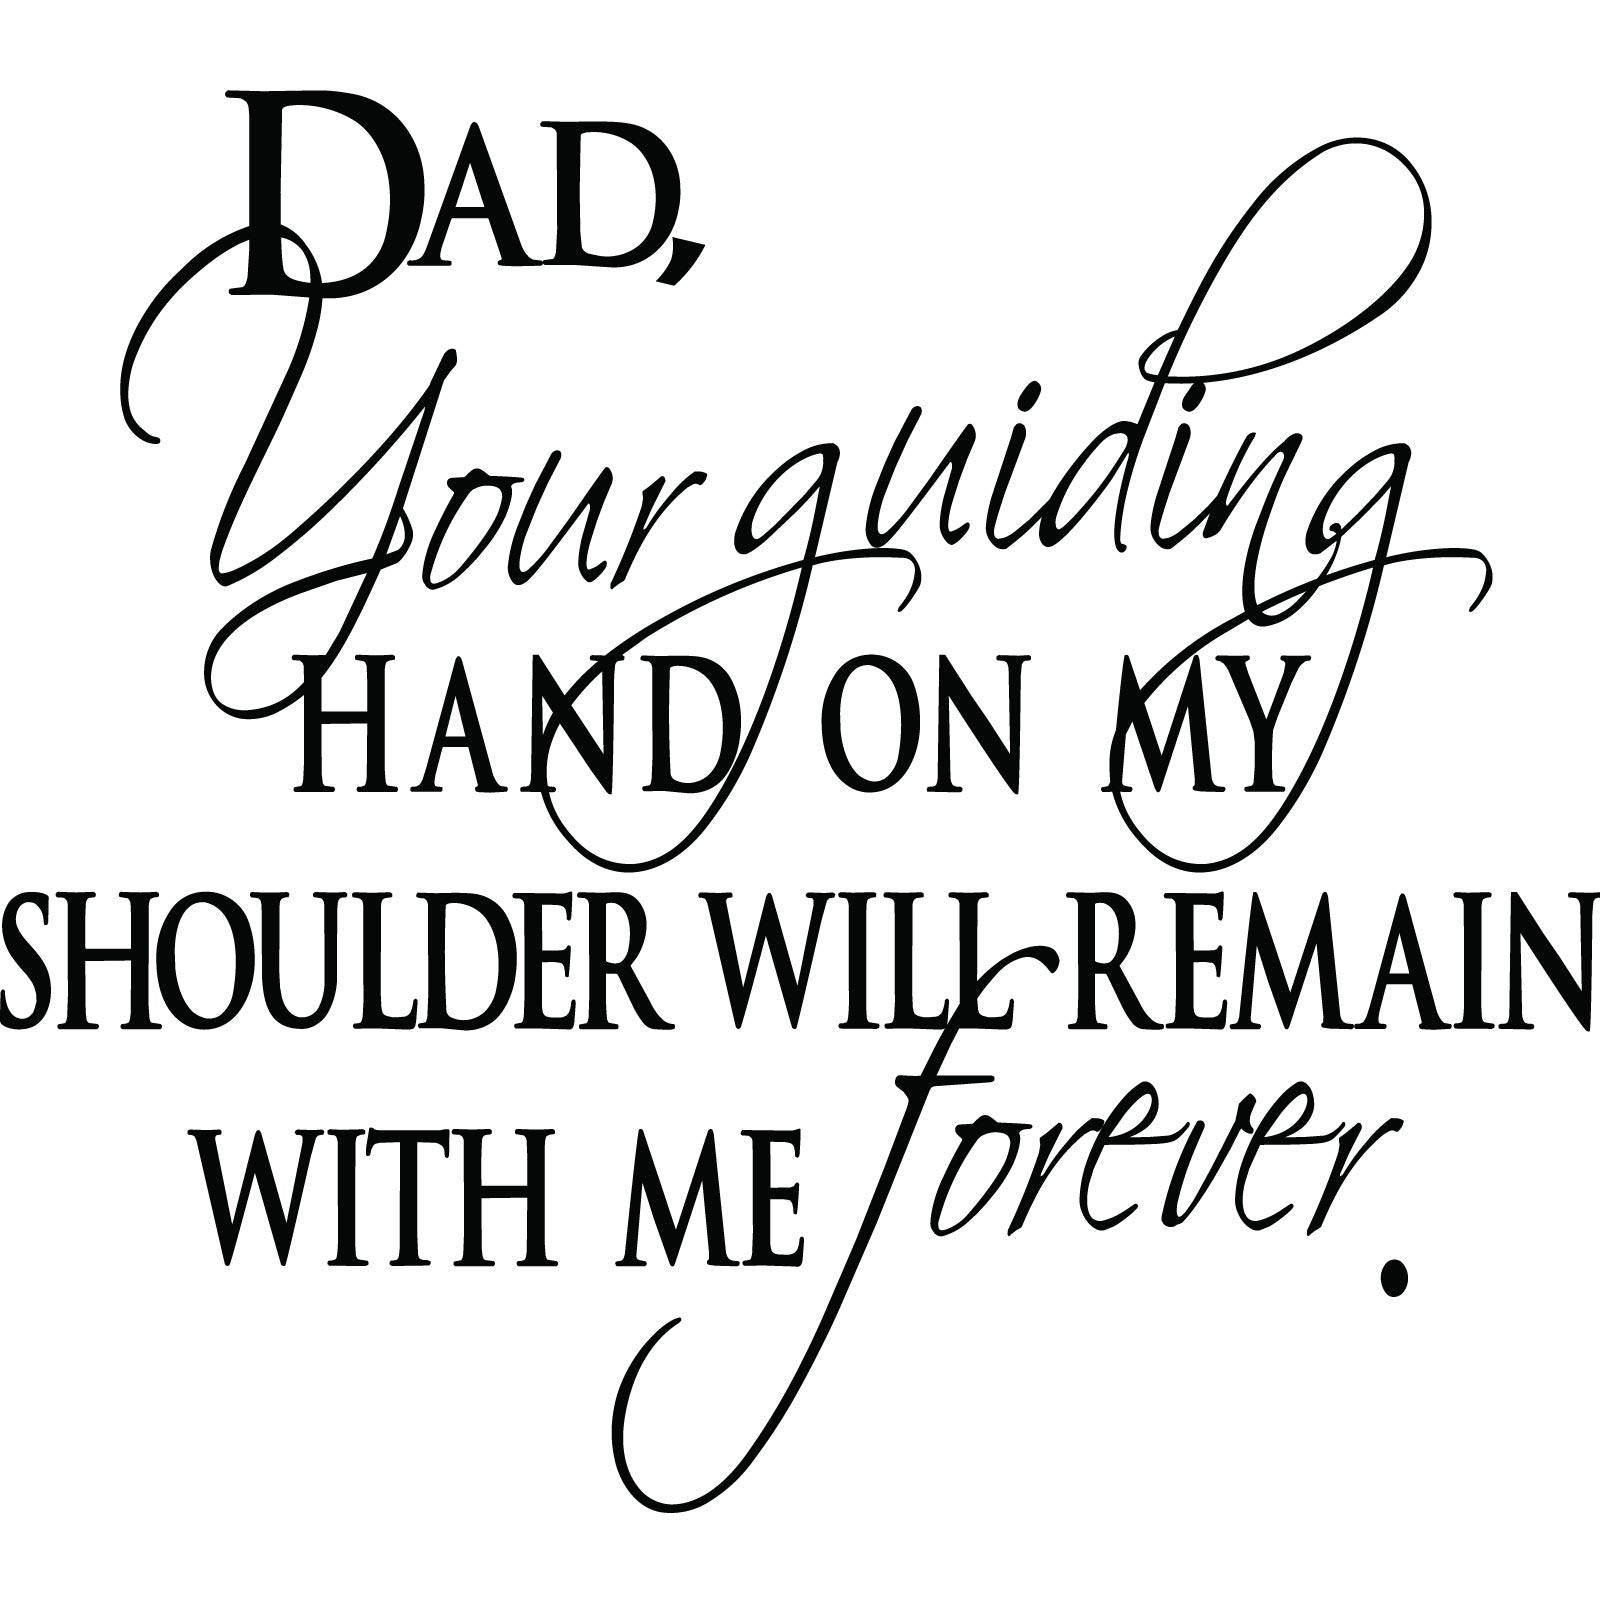 Dad Picture Quotes: Love My Dad Quotes. QuotesGram